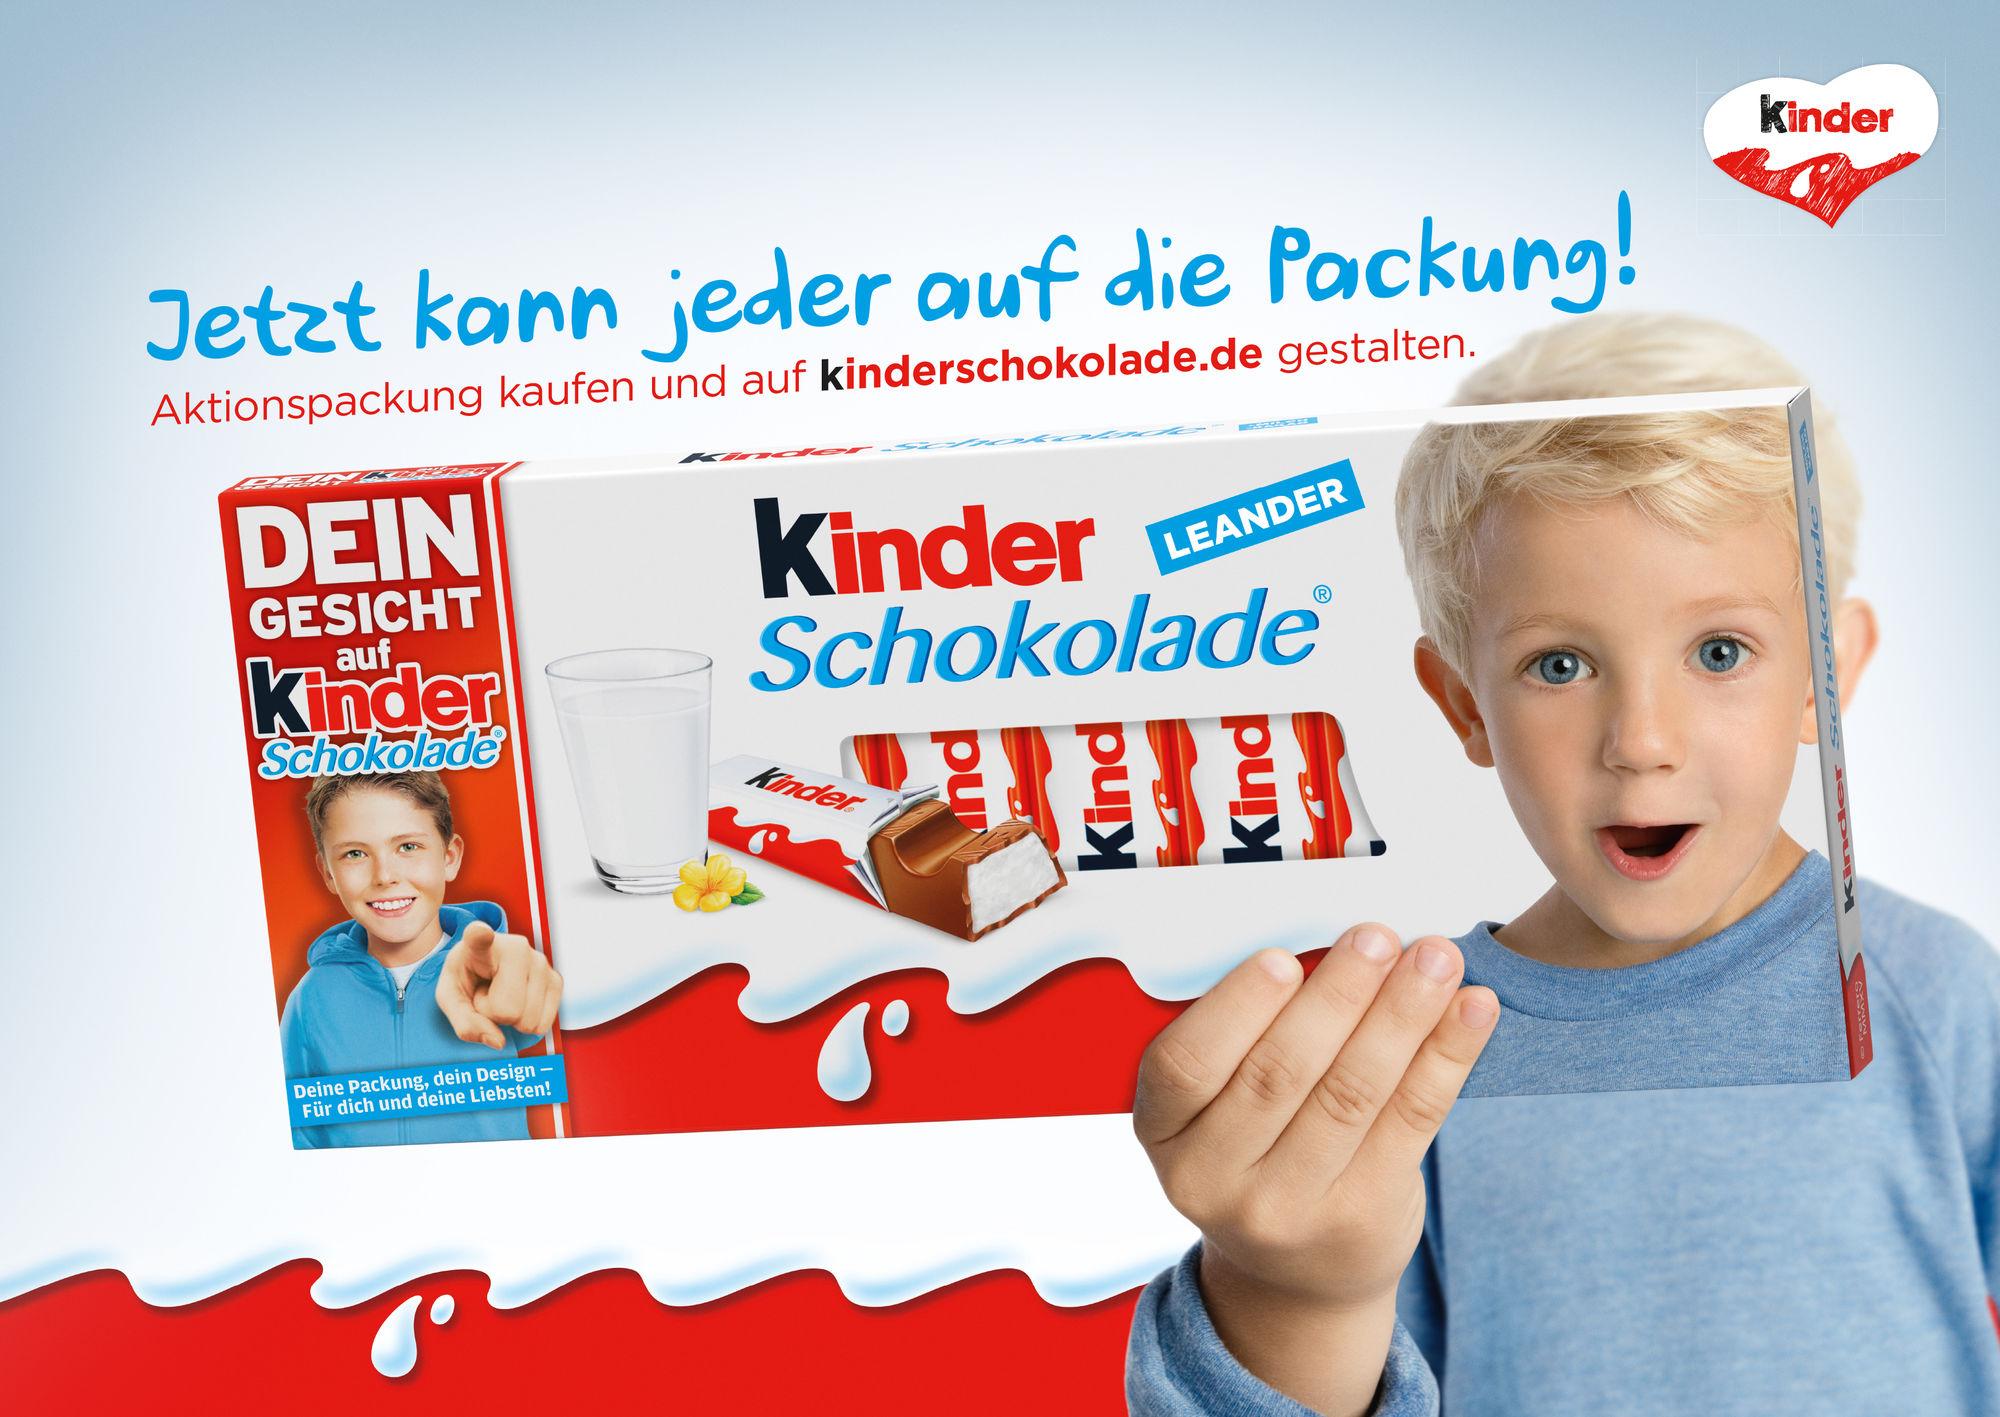 Gosee Kinderschokolade Aktionspackung